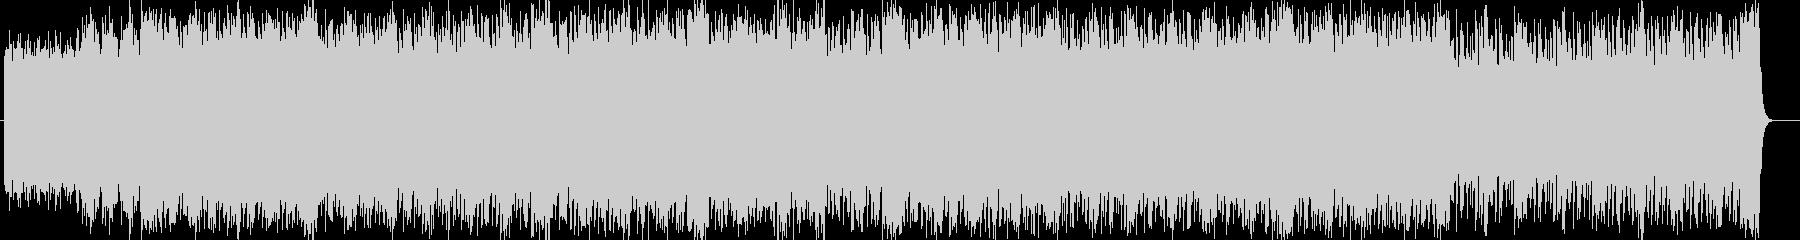 スピード感のあるシンセサイザーサウンドの未再生の波形